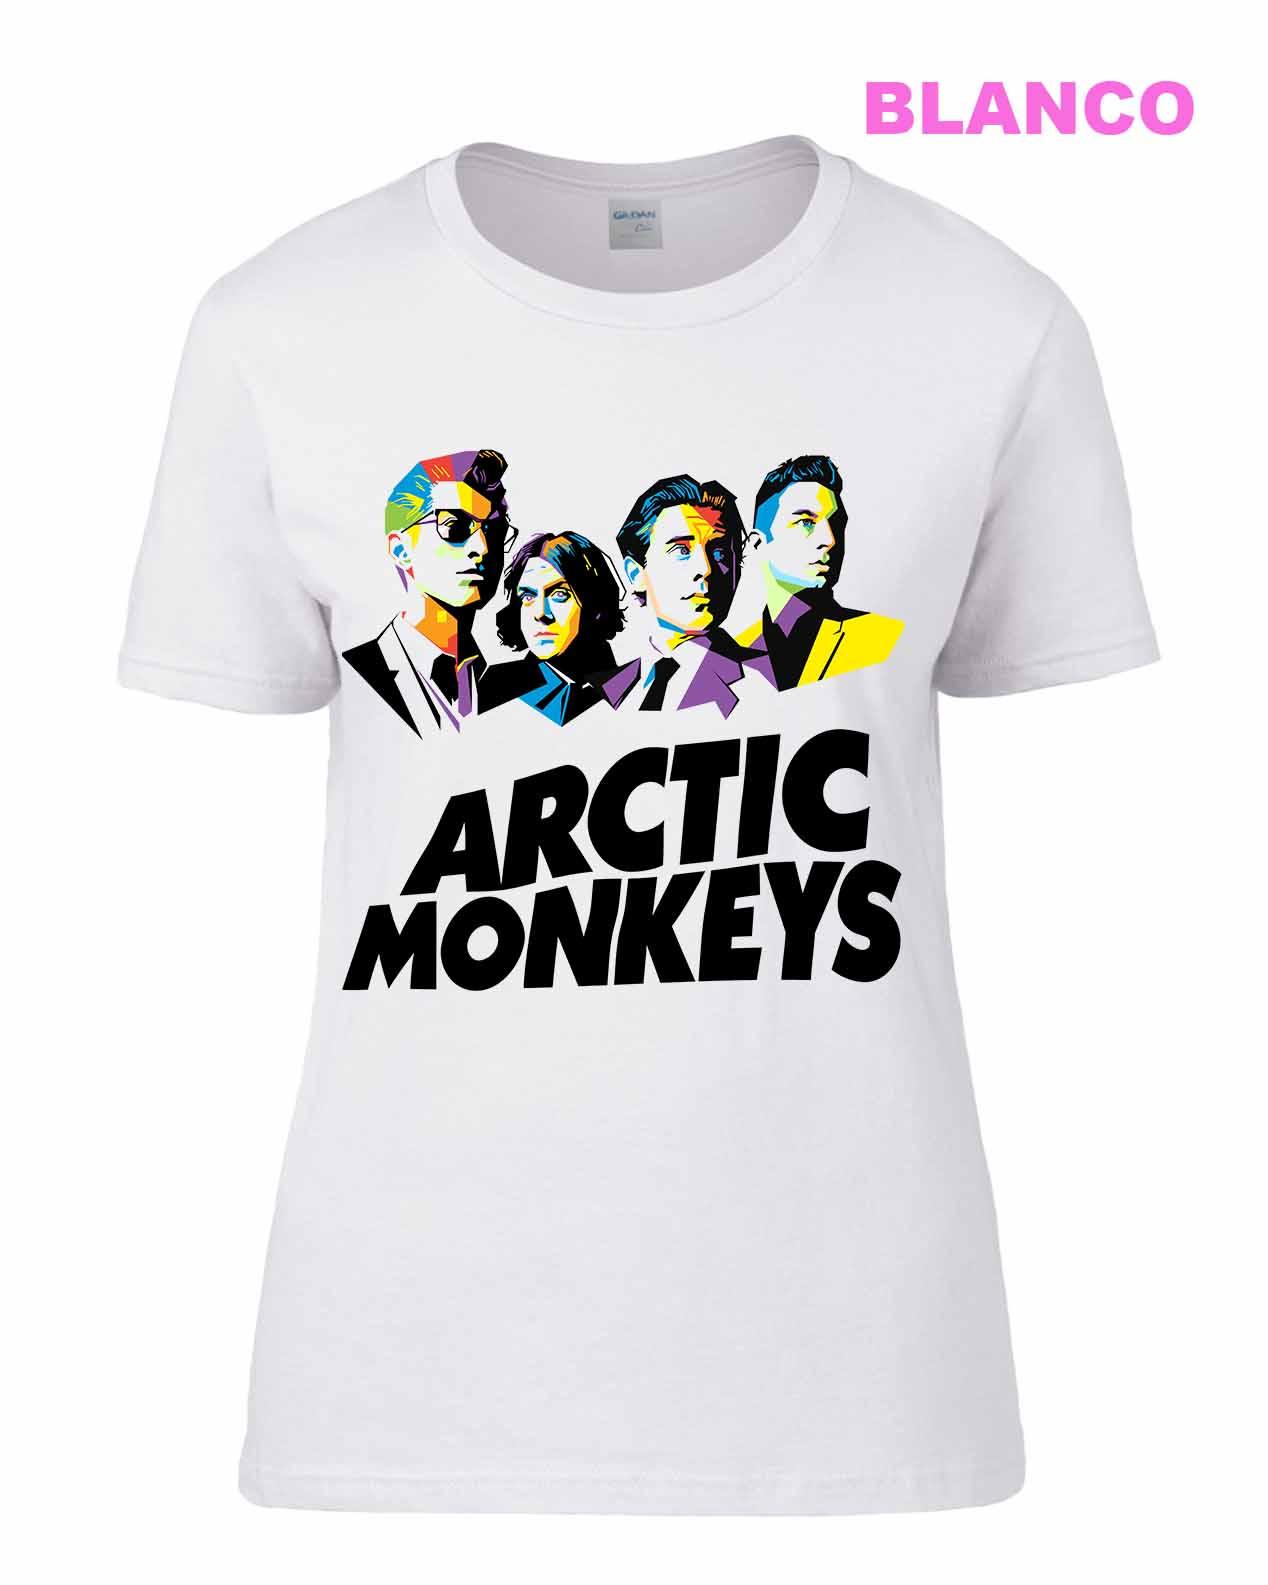 Arctic Monkeys - Pop Art